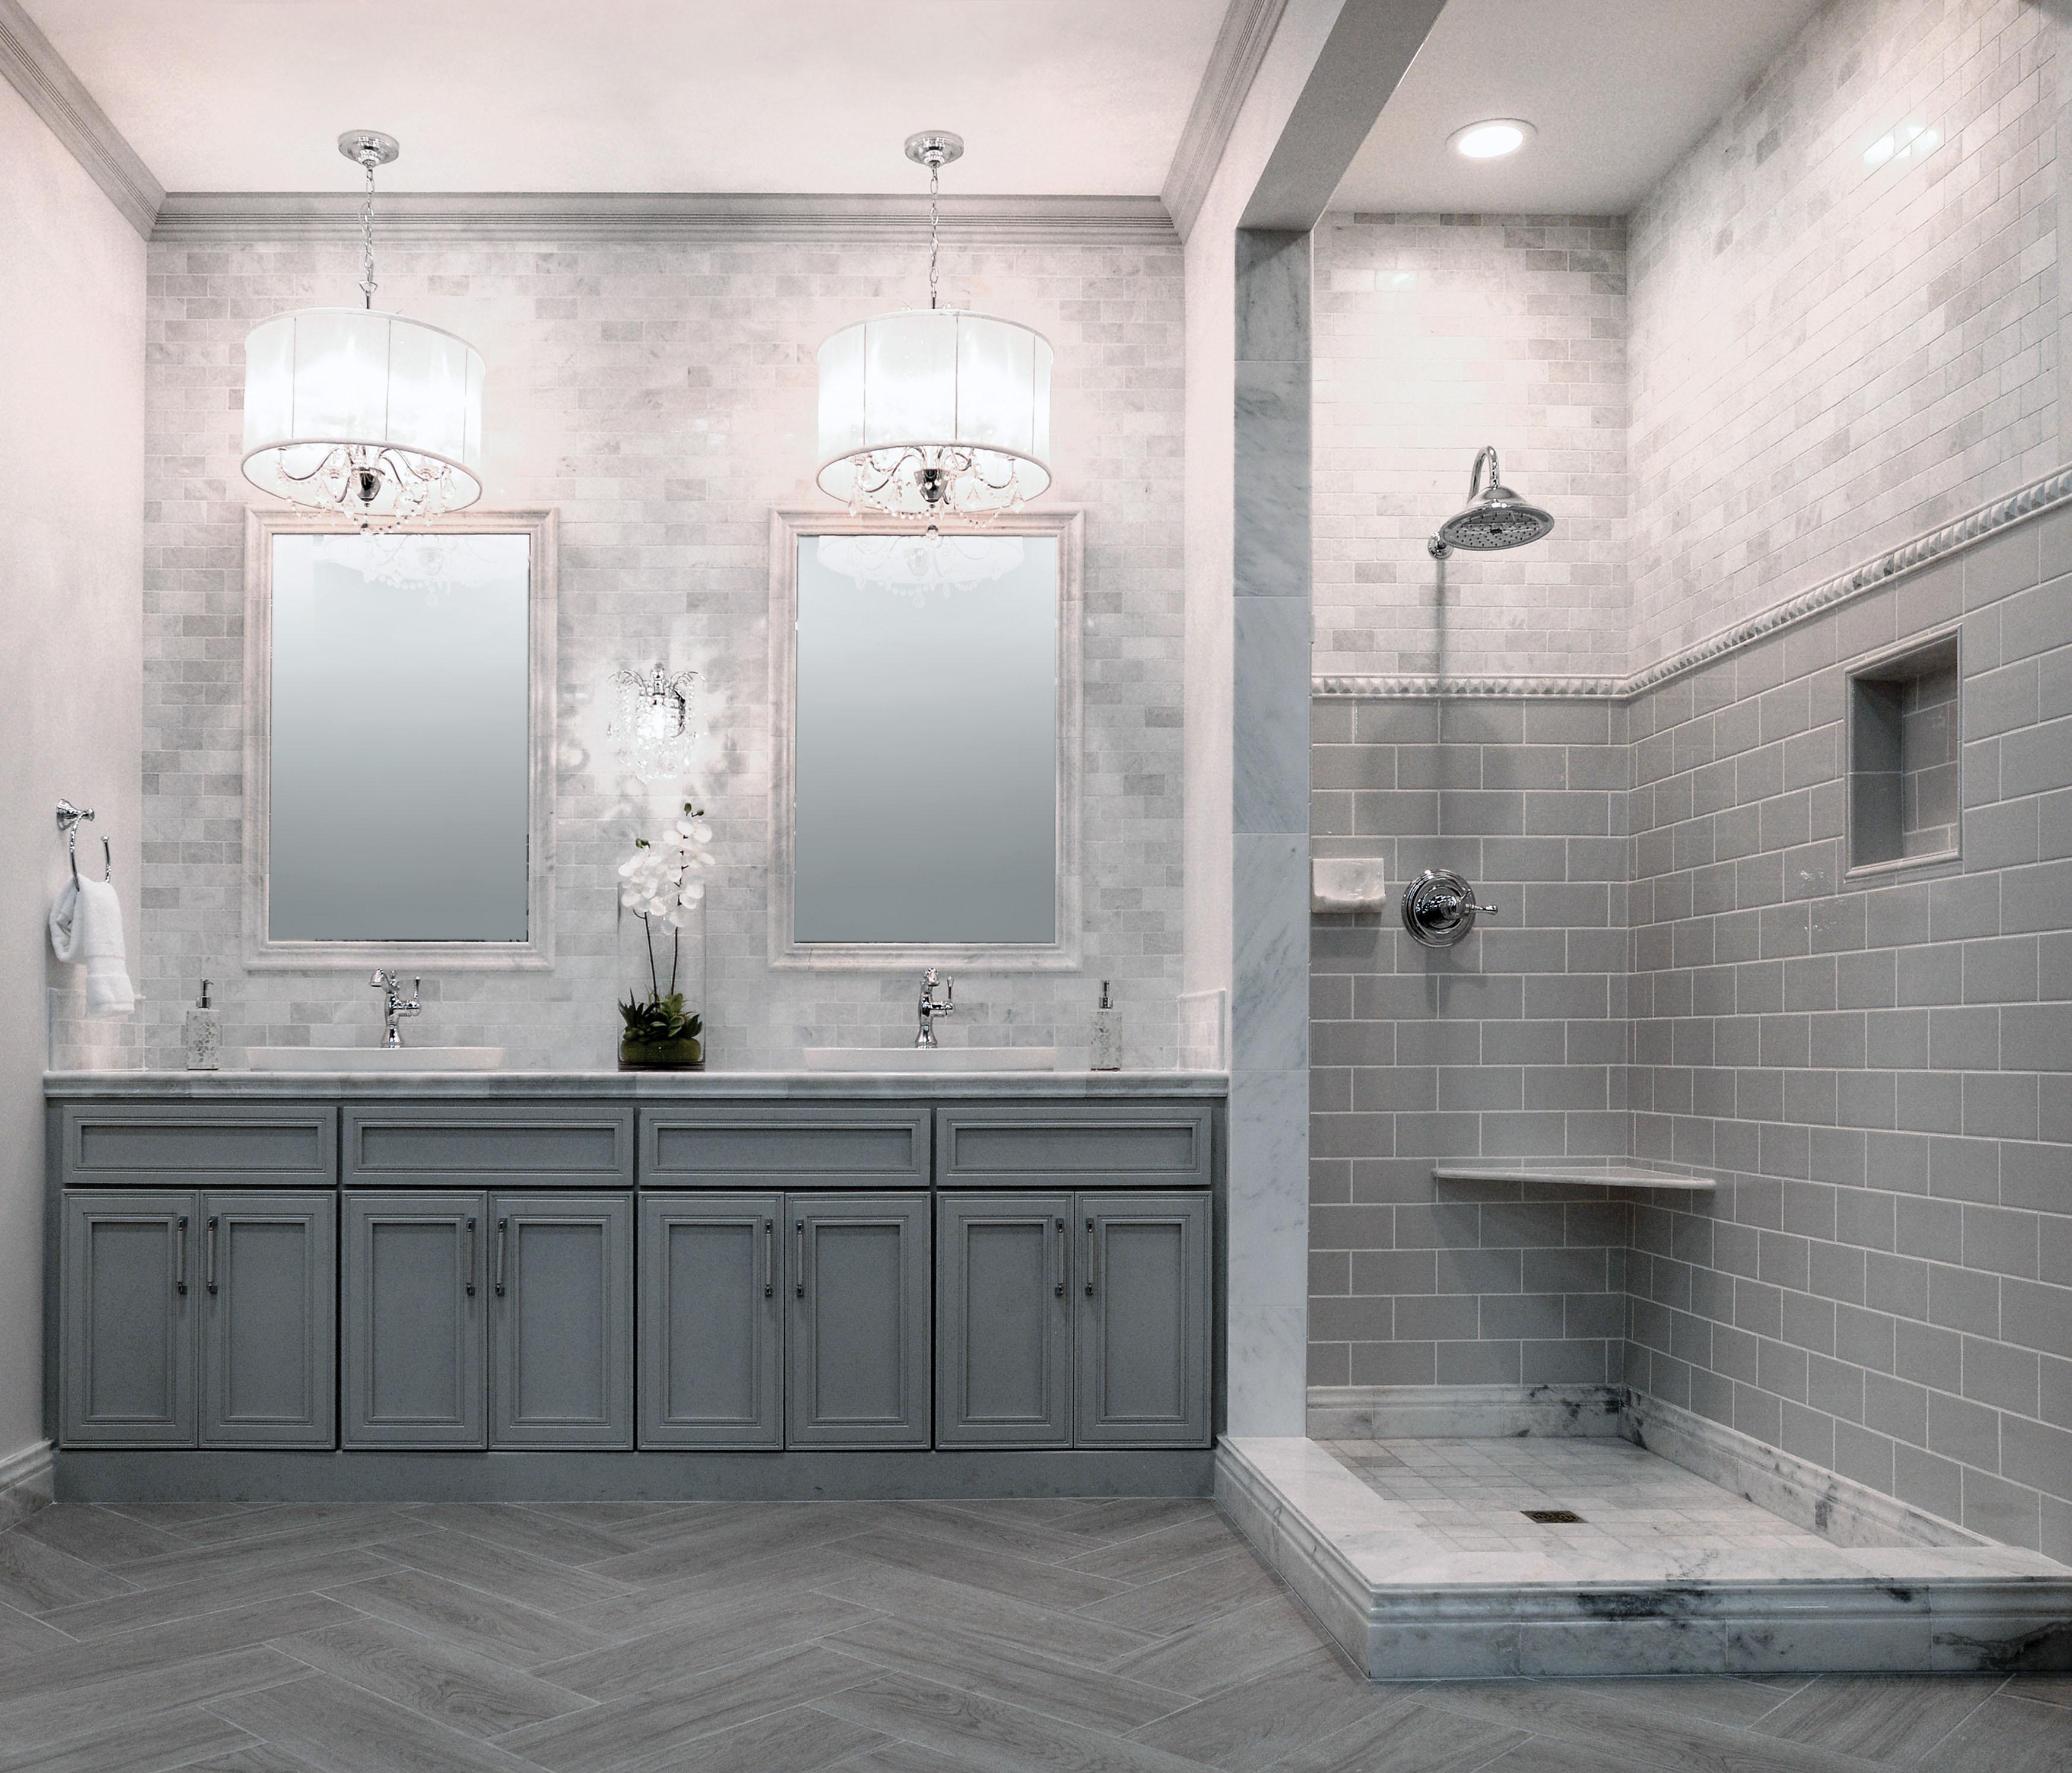 The Tile Shop Introduces 2015 Design Preview Providing